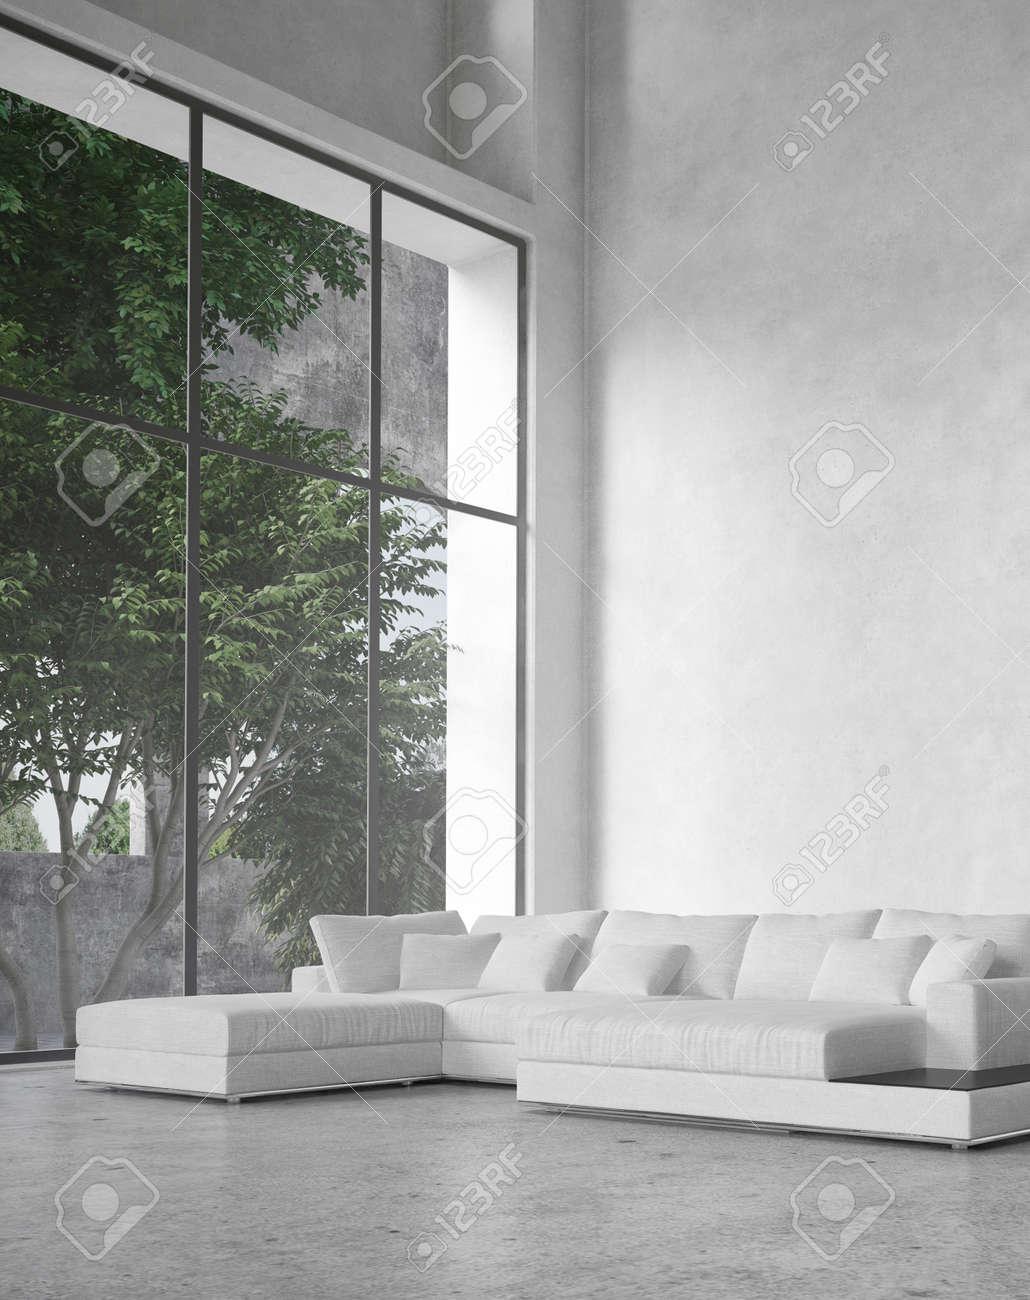 Große, Moderne Minimalistische Wohnzimmer Innenraum Mit Einem ...